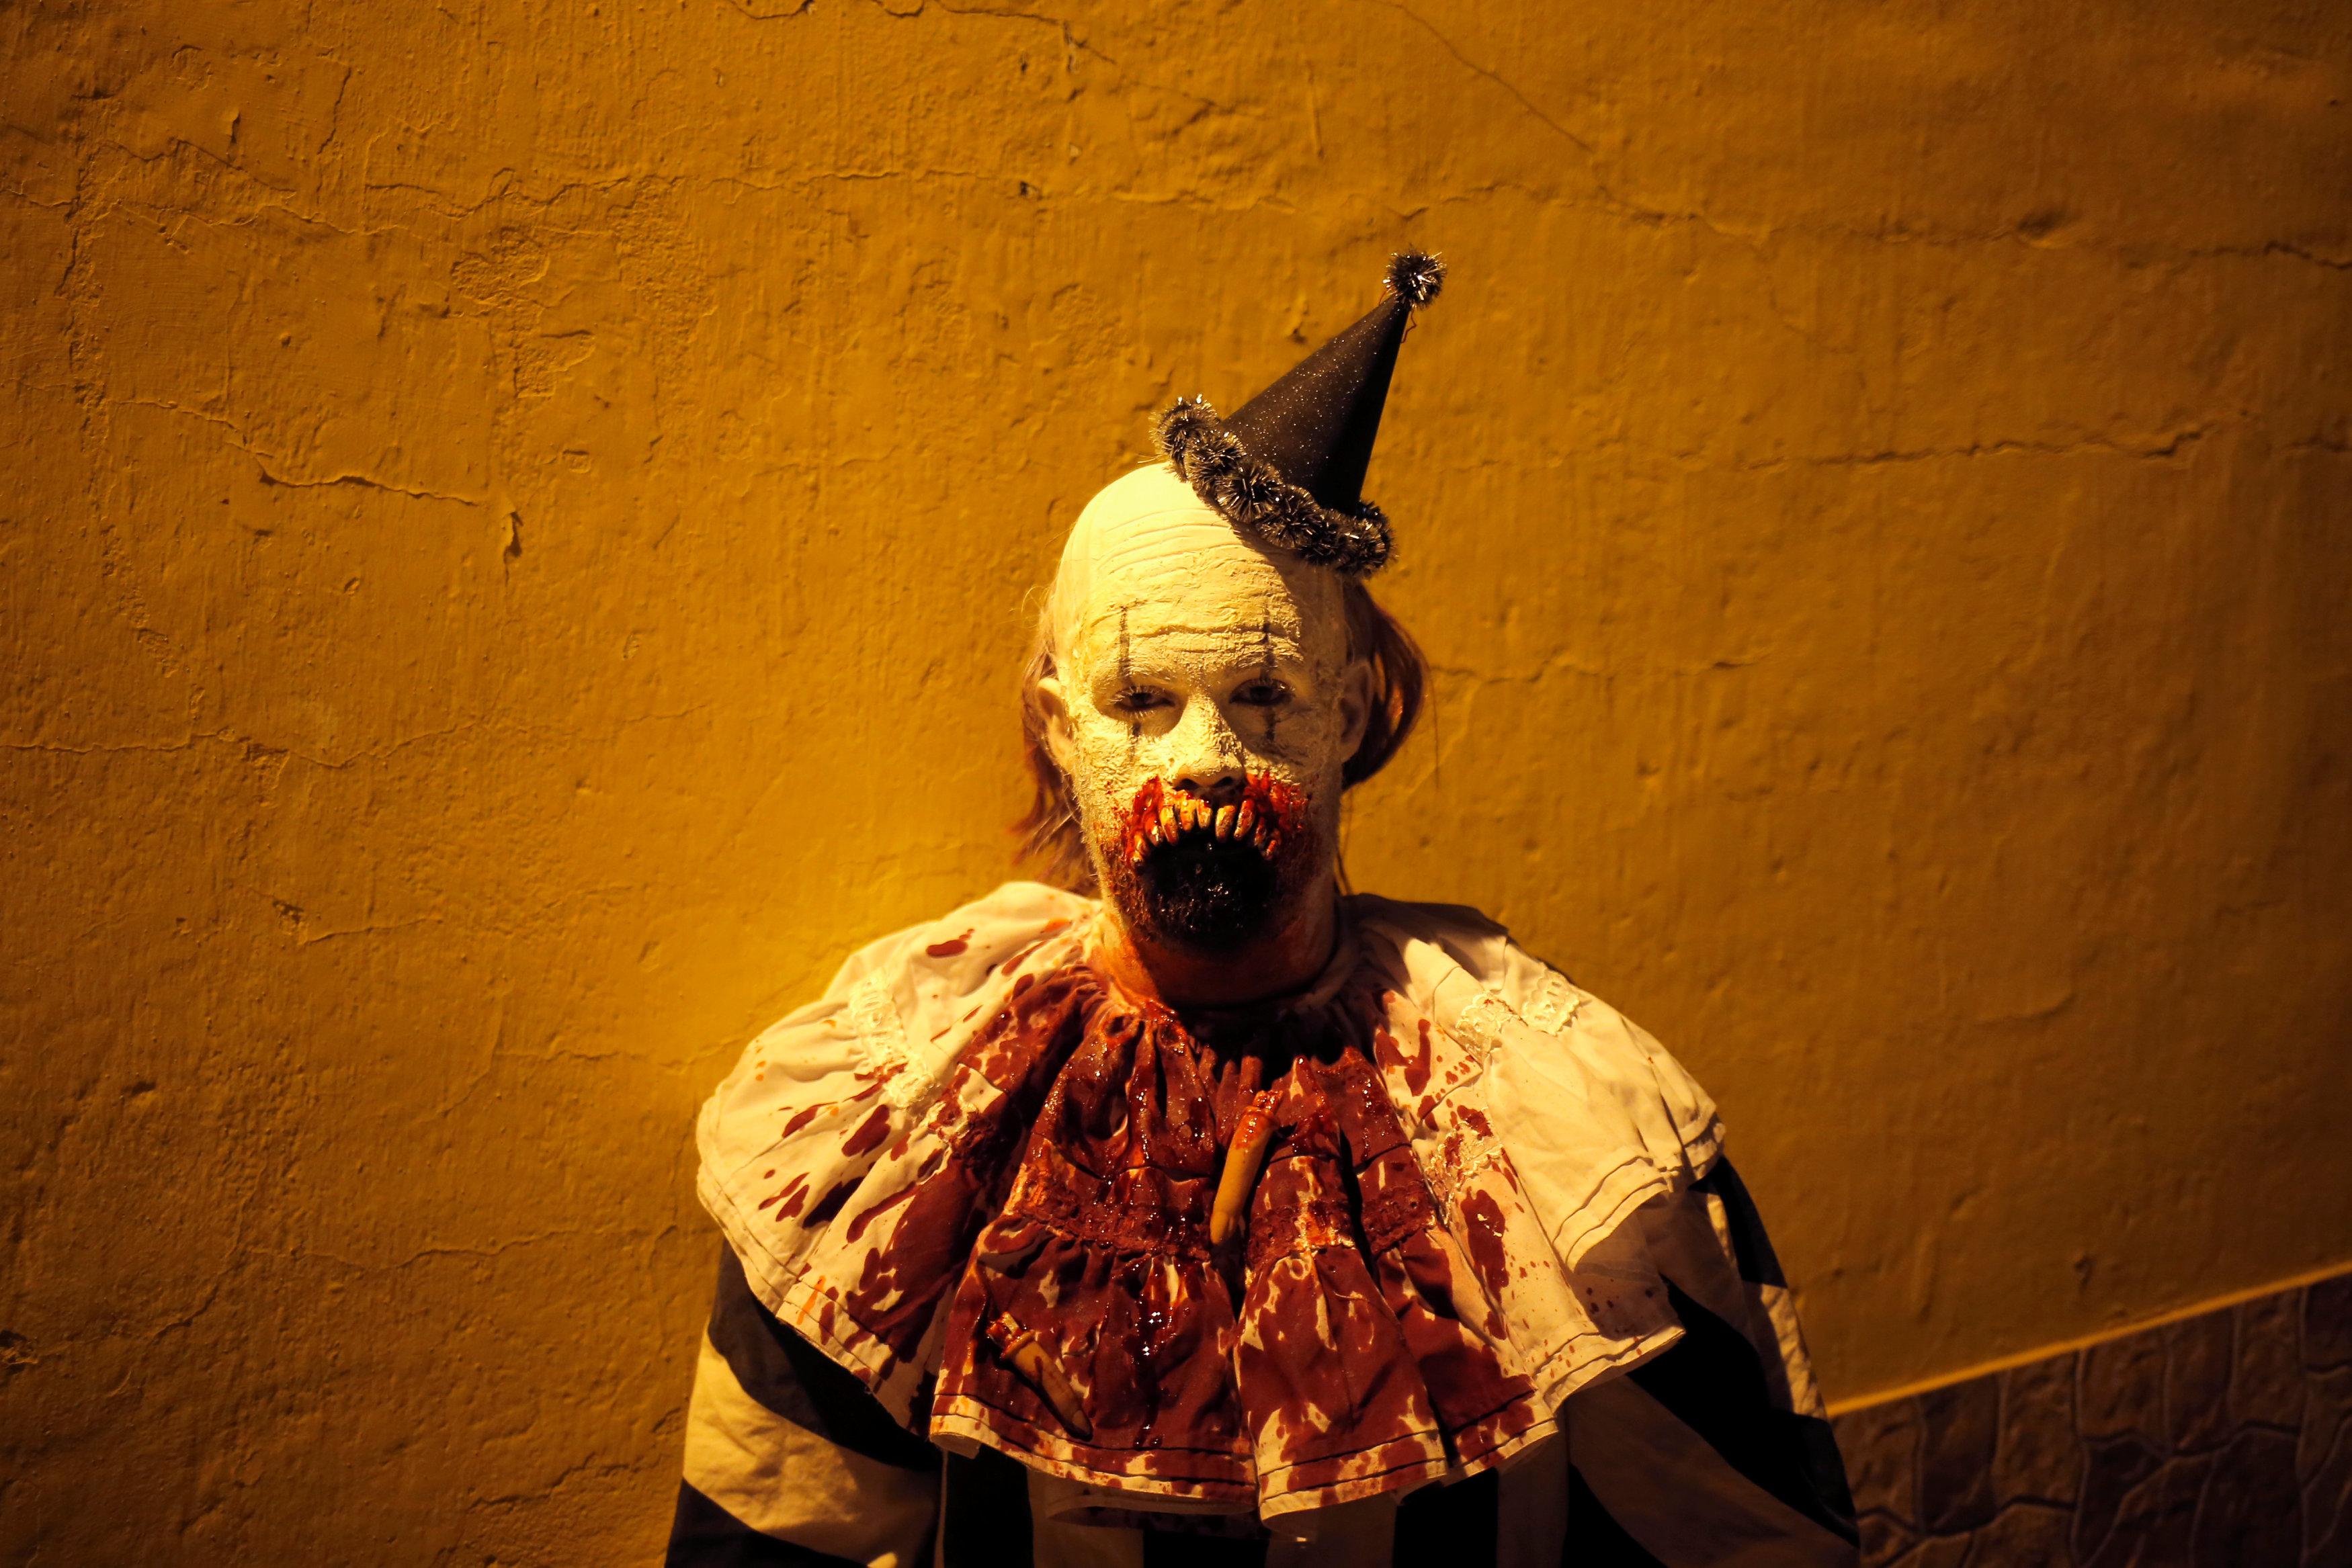 قناع مخيف خلال احتفالات الهالوين جنوب اسبانيا